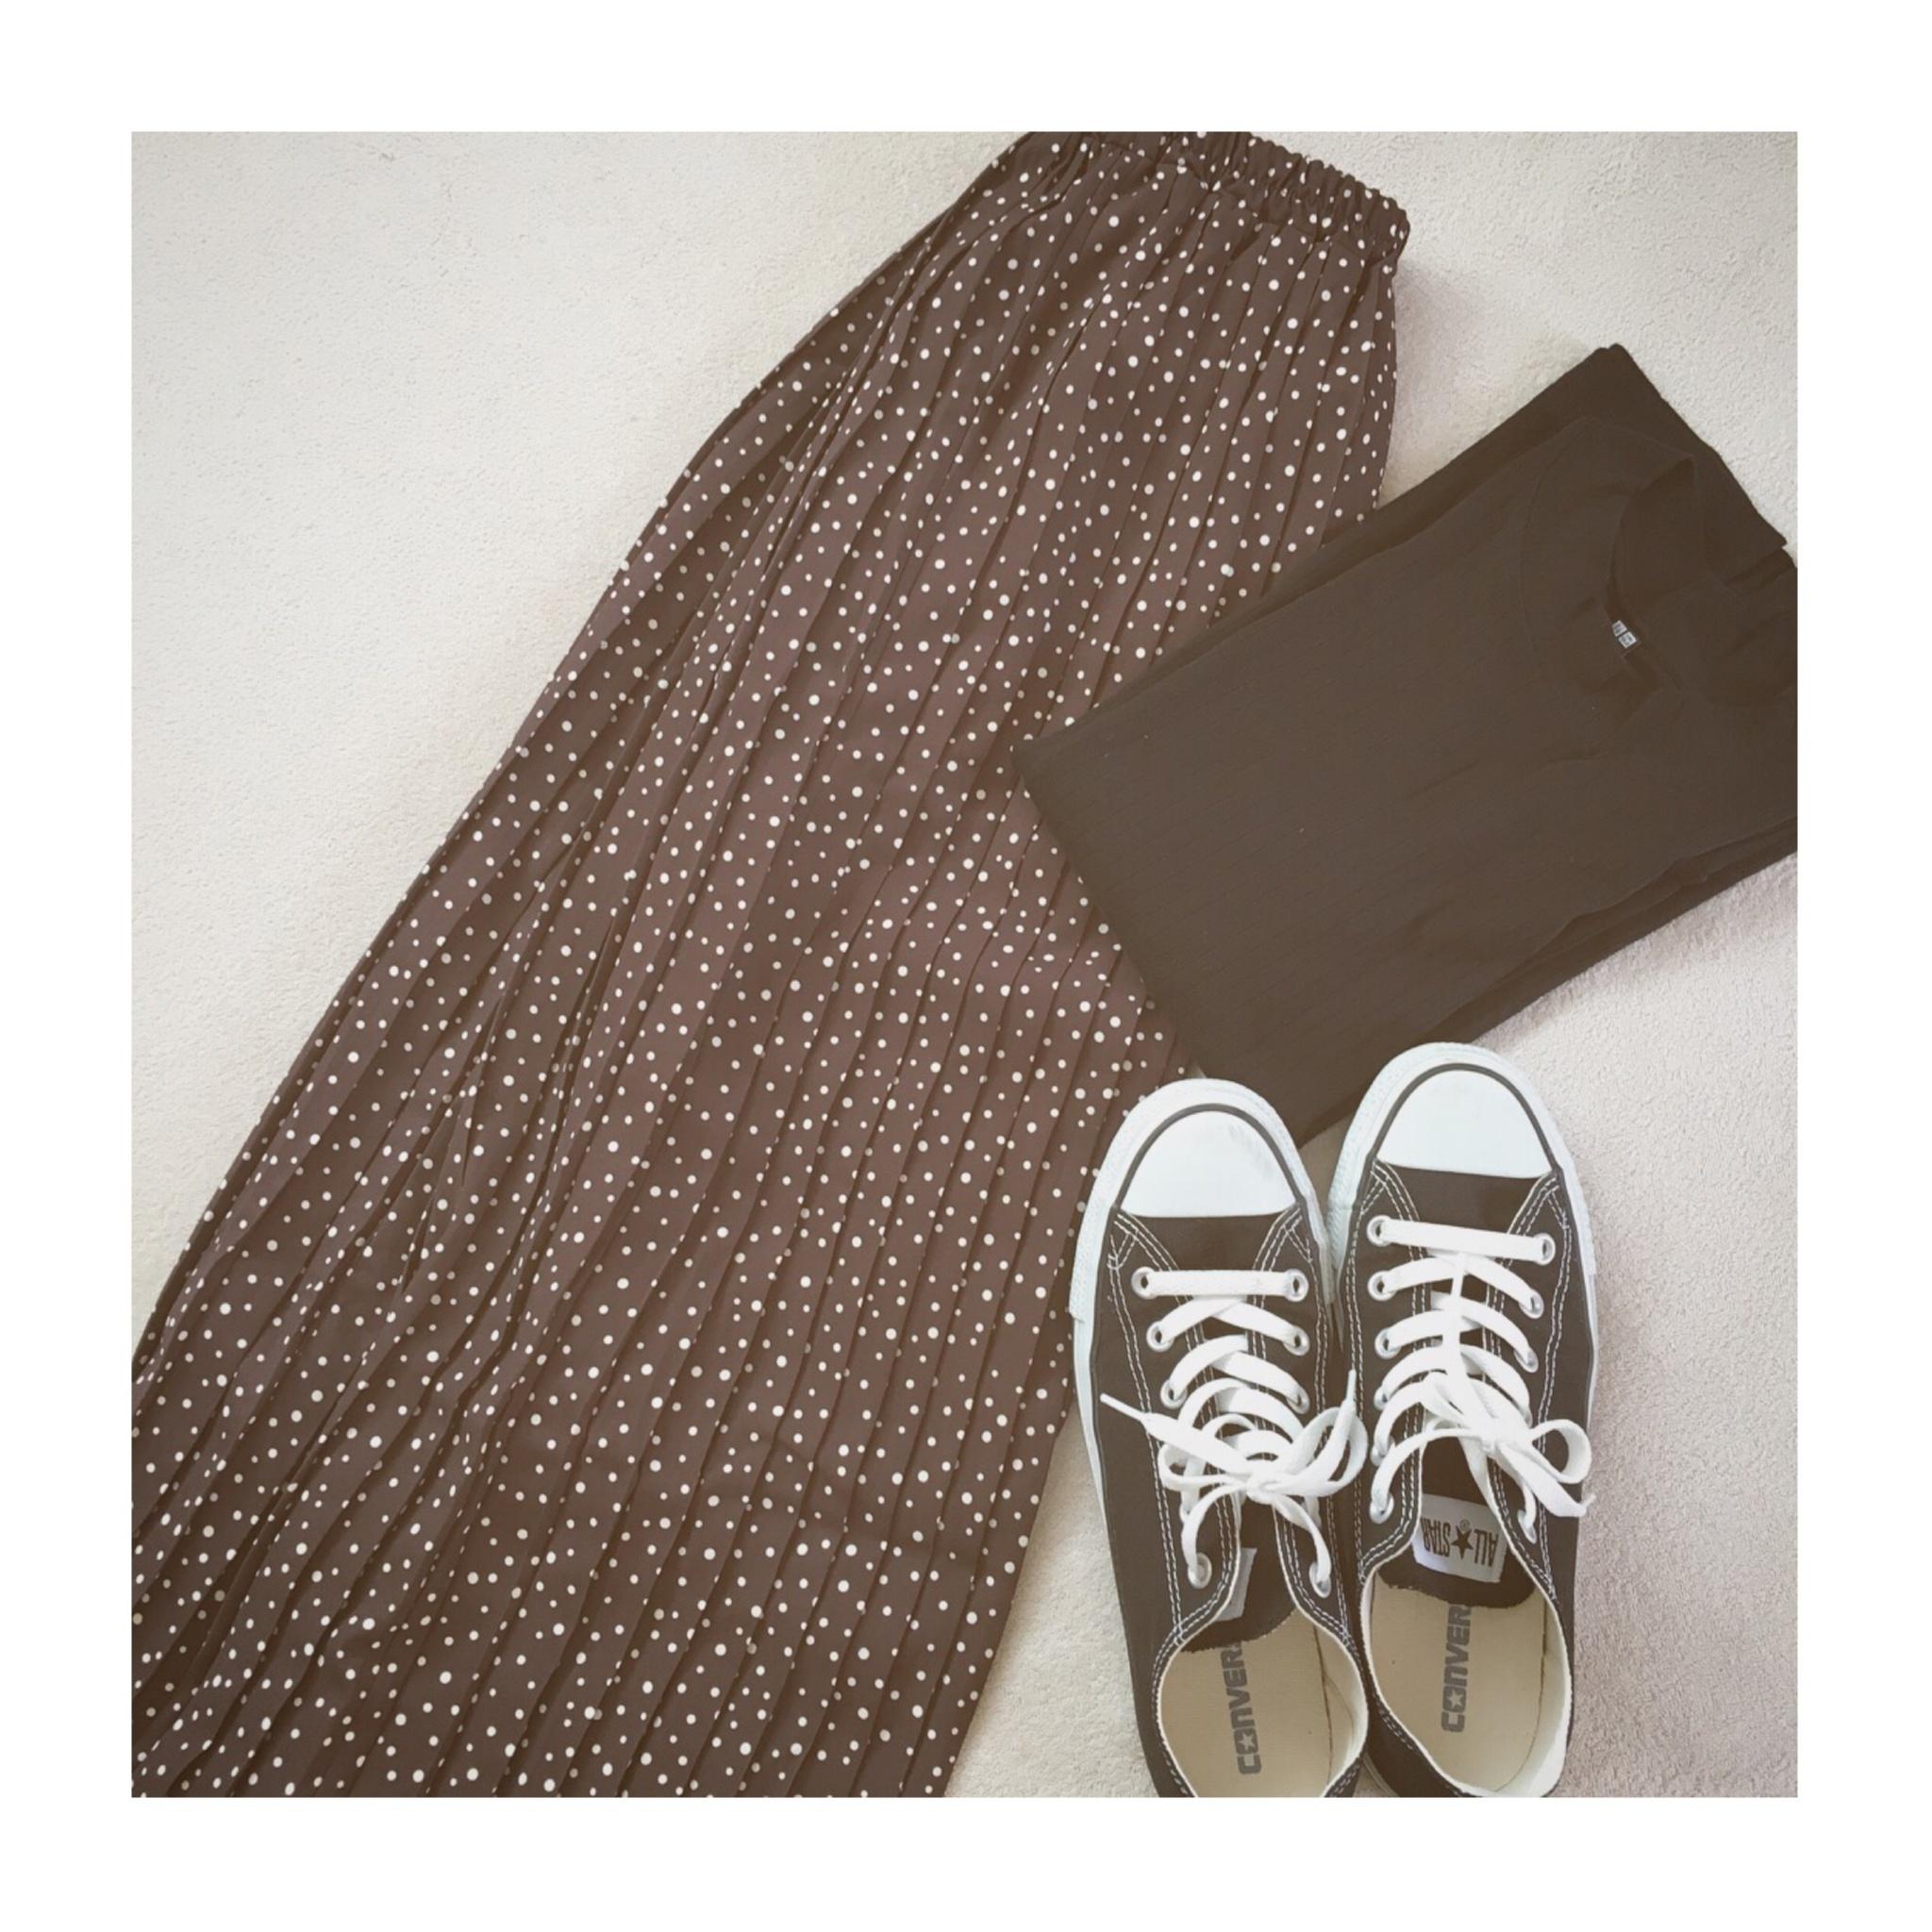 《今買って秋まで使える》優秀アイテム!【Te chichi(テチチ)】のドットプリーツスカートをSALE価格まさかの¥1,600以下でゲット✌︎❤️_3